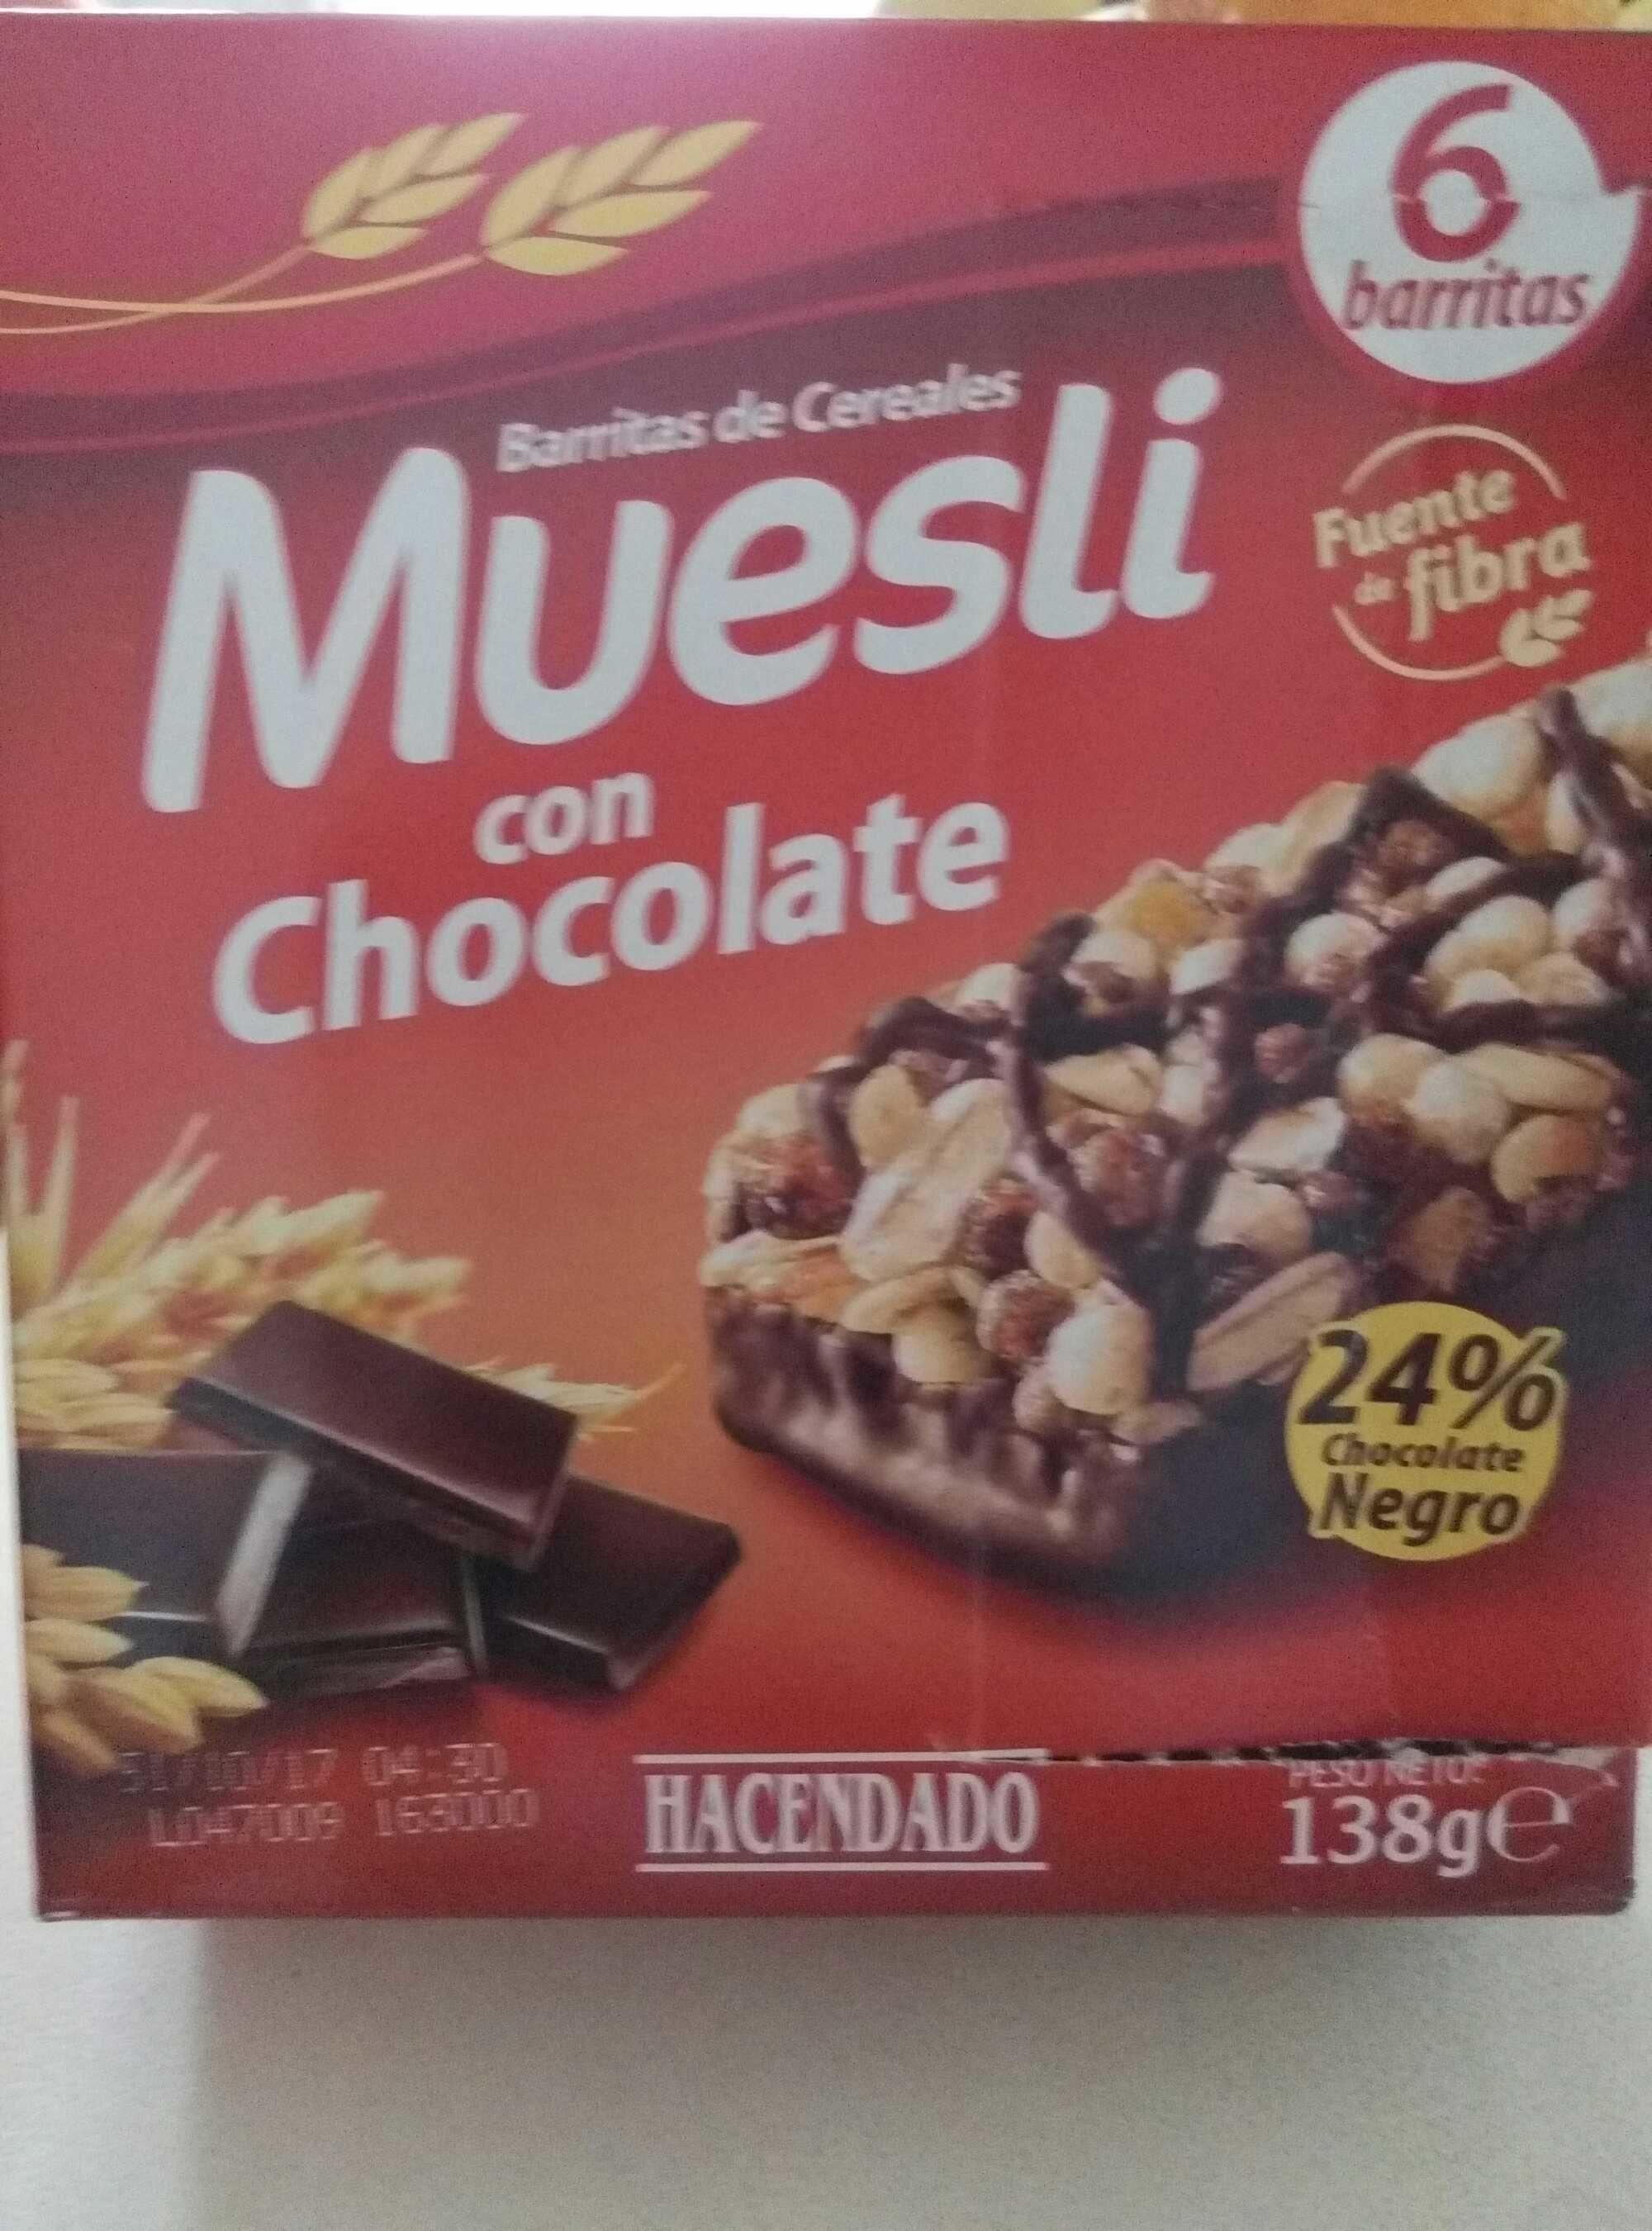 Barritas de cereales muesli con chocolate - Product - es